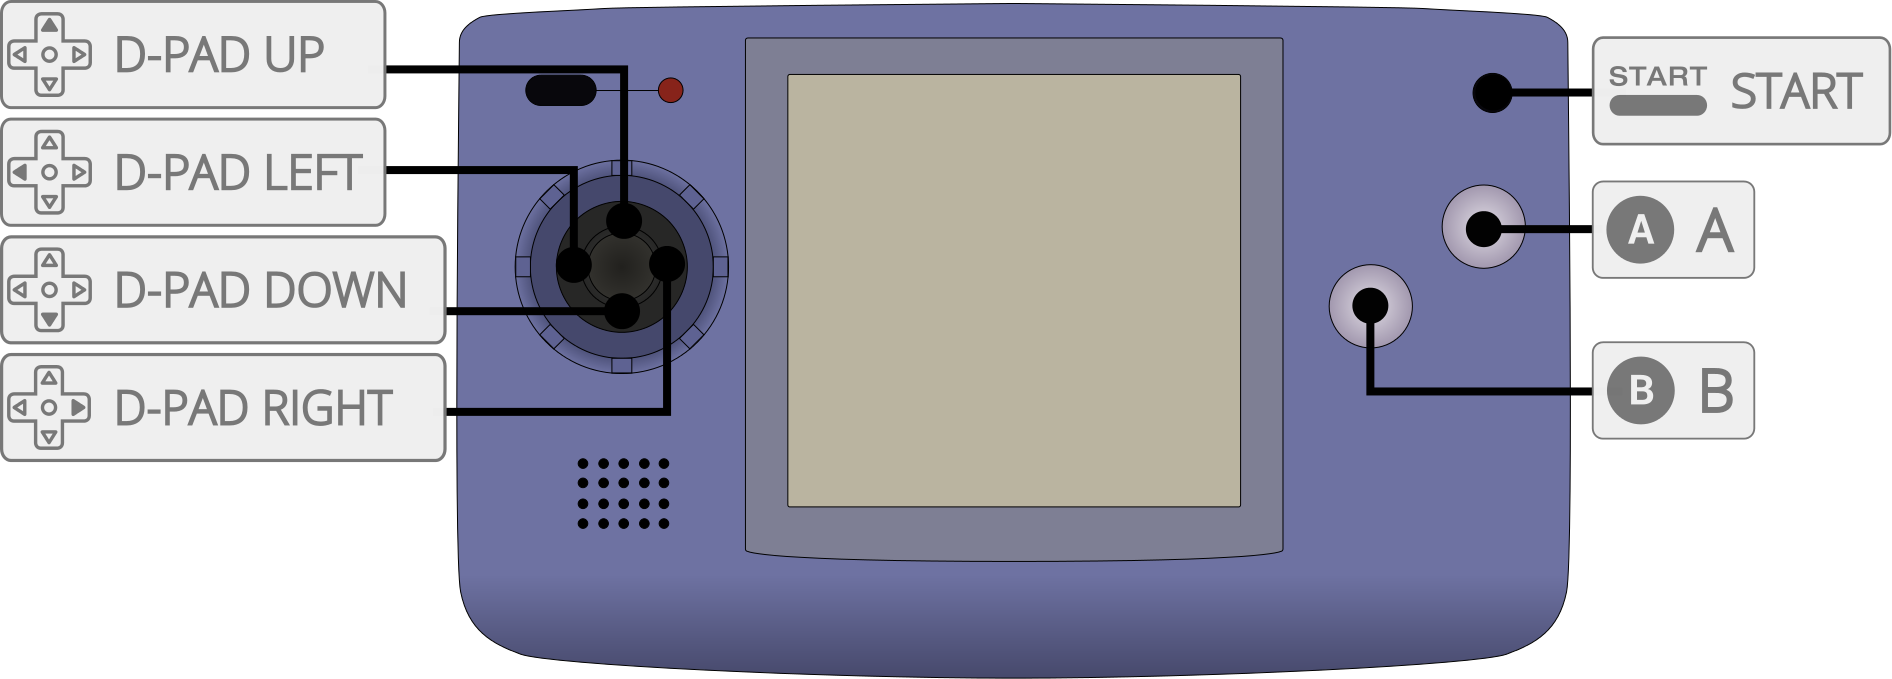 SNK - Neo Geo Pocket / Color (Beetle NeoPop) - Libretro Docs